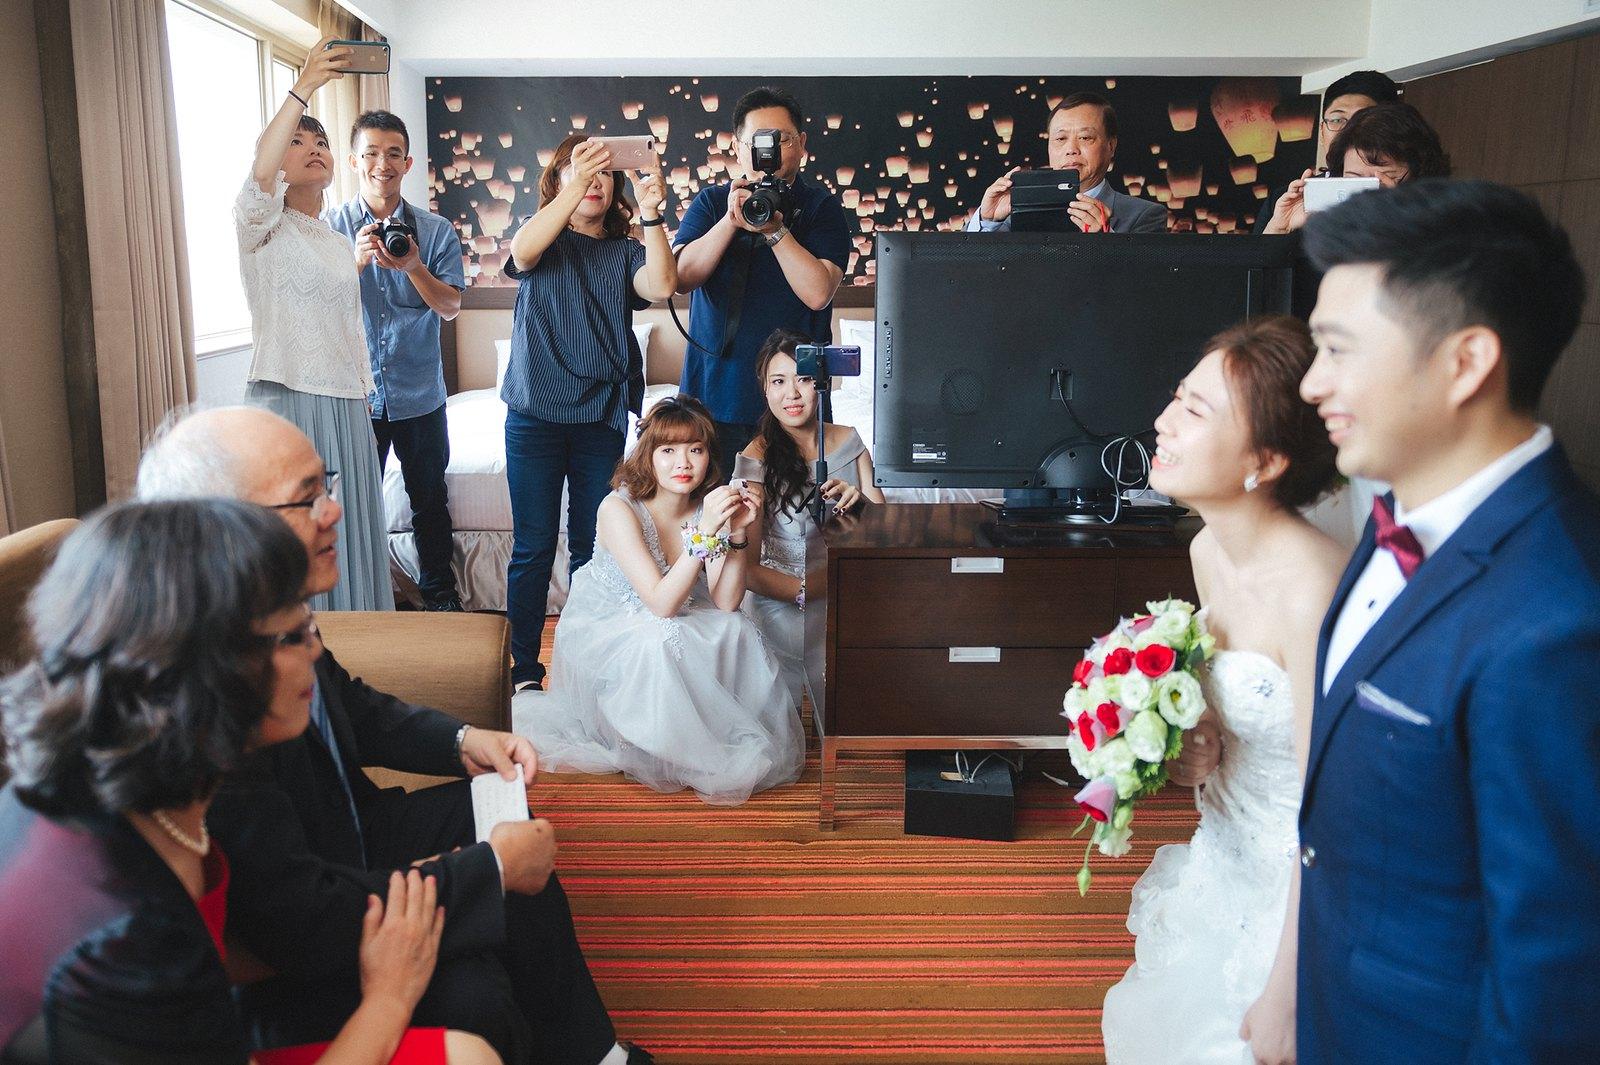 【婚攝】Leon & Katie / 桃花園飯店 / 來福星花園大飯店